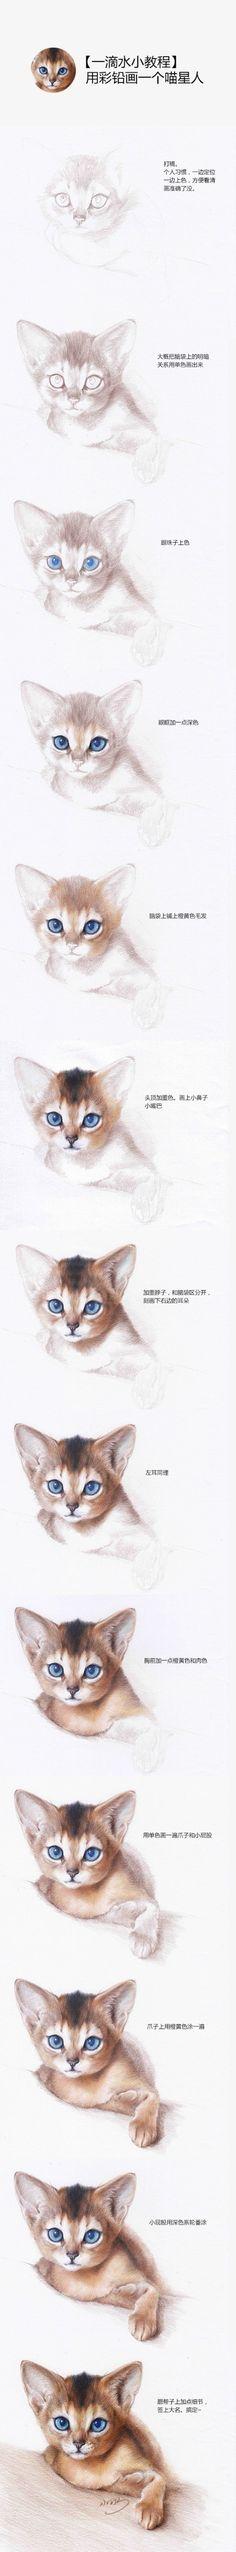 彩铅画猫教程